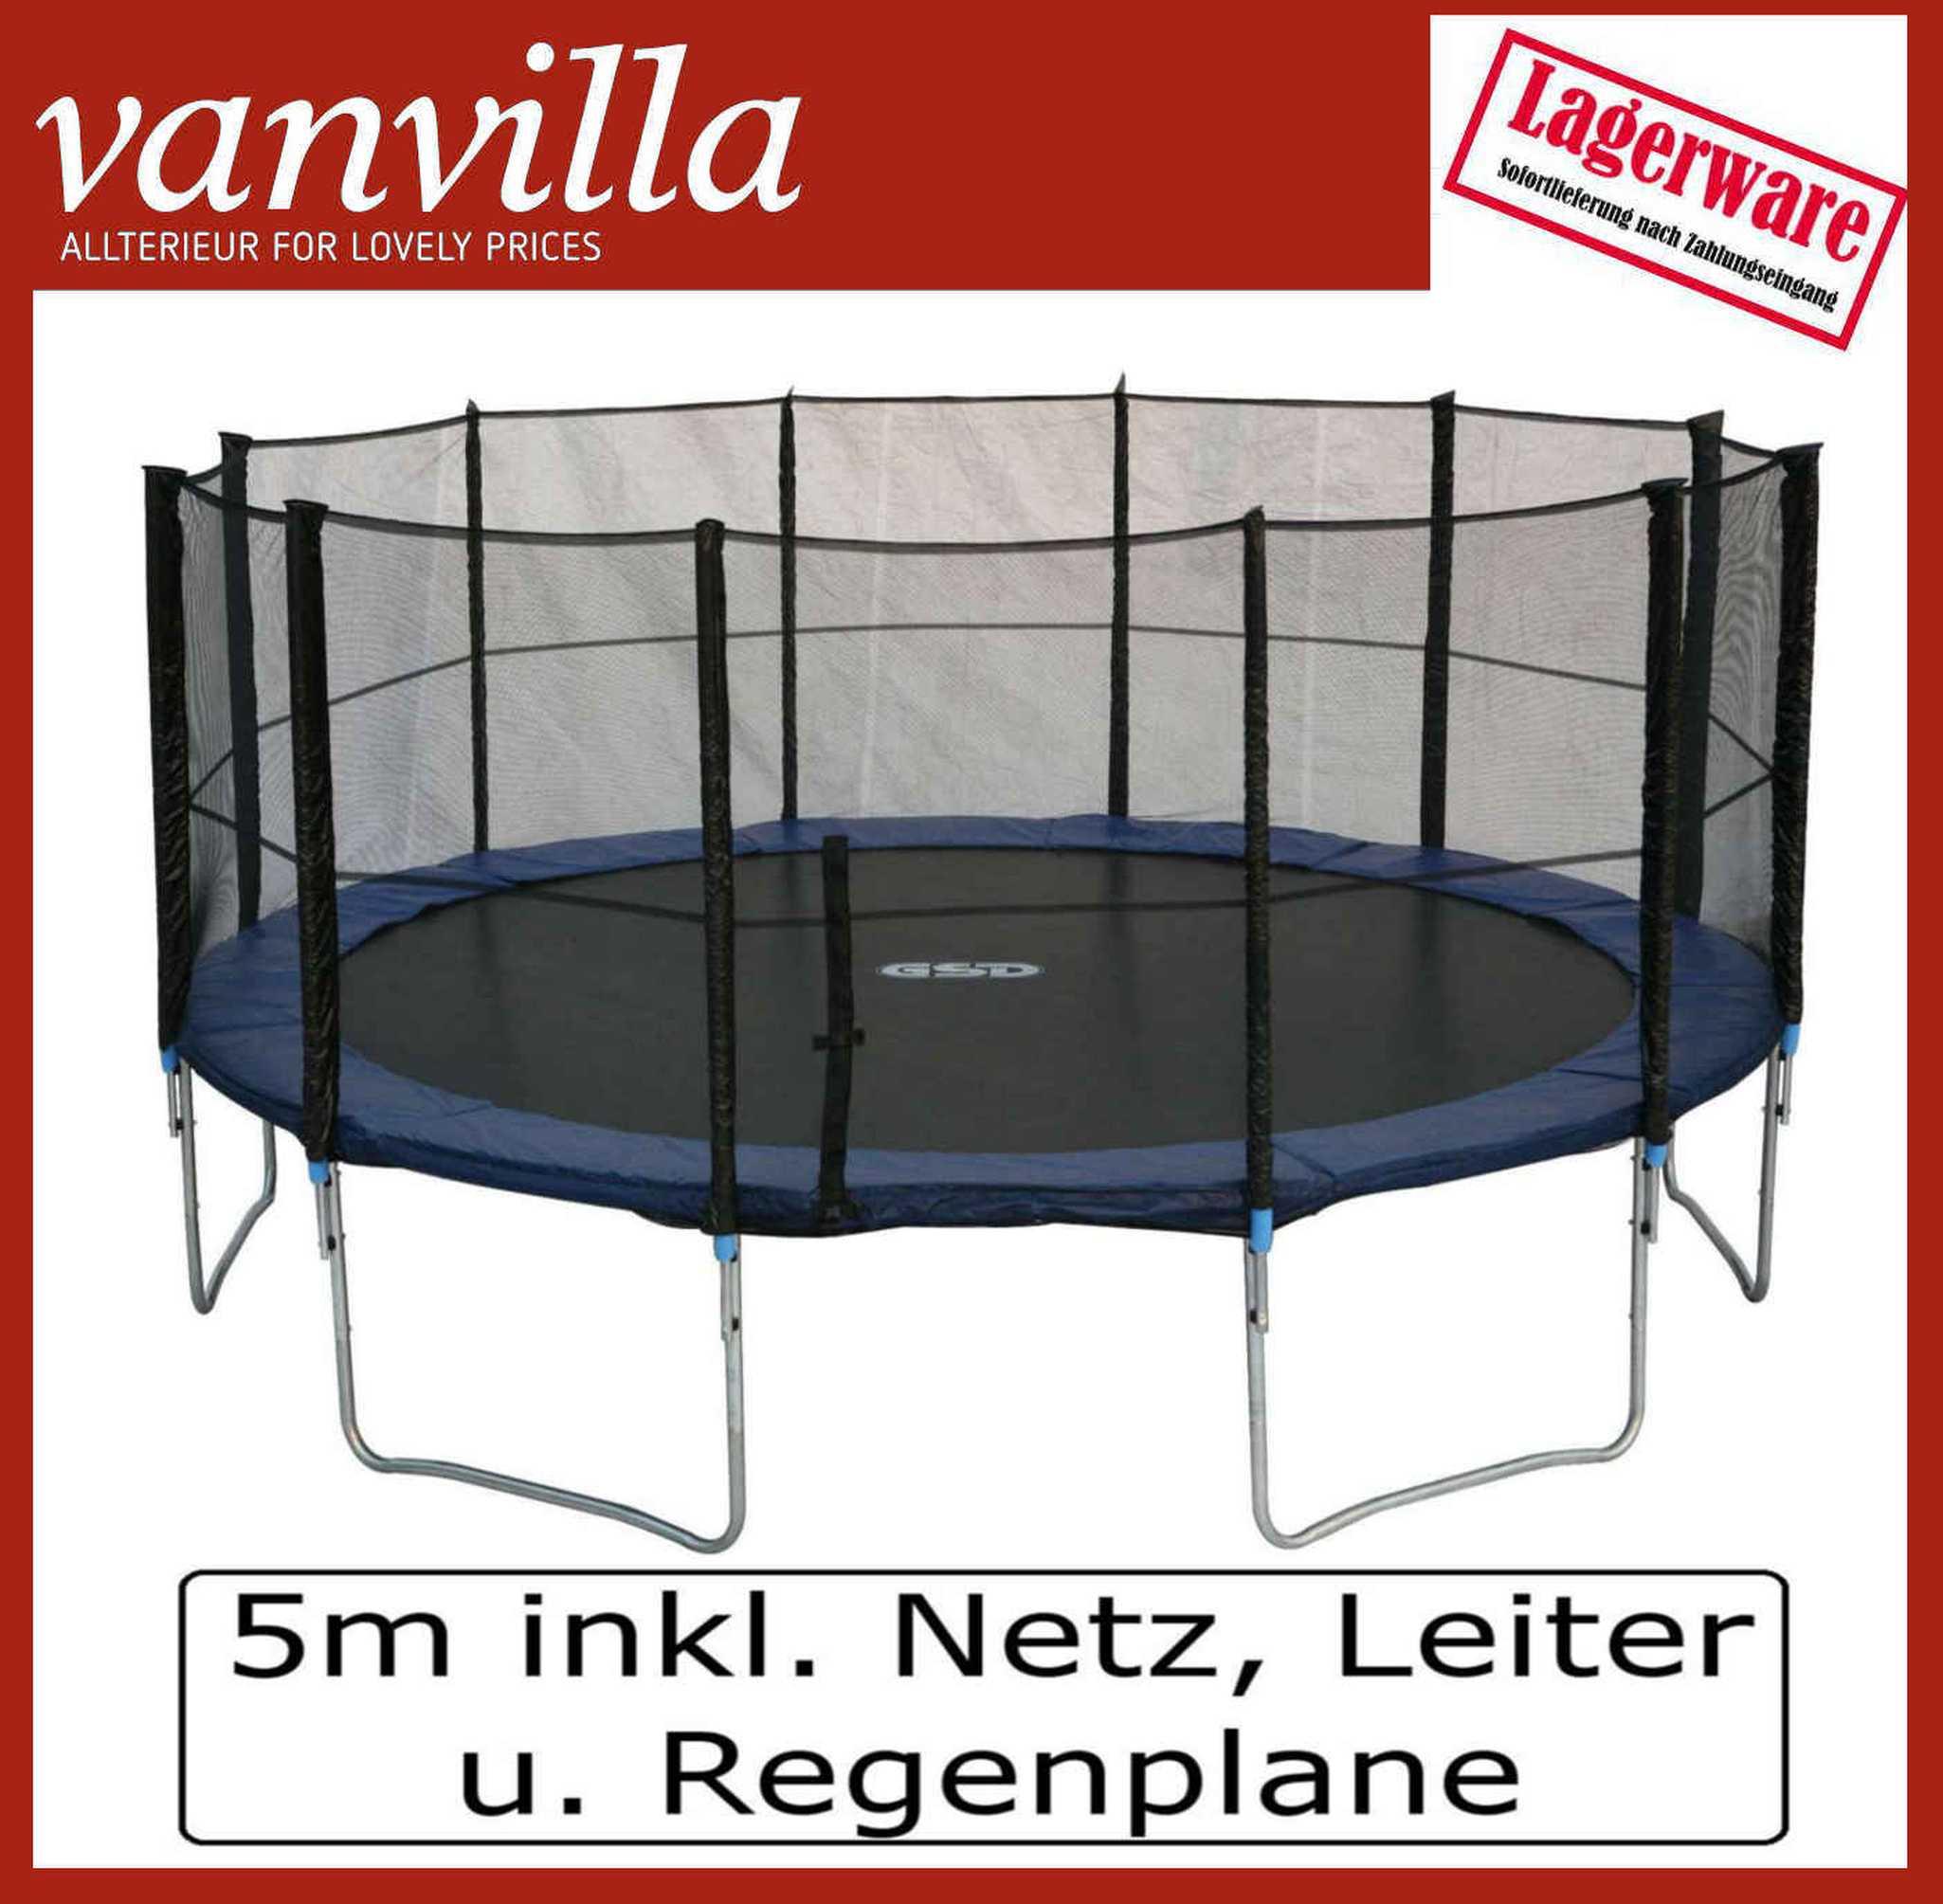 Trampolin 490cm, inkl. Leiter, Regenschutz, Sicherheitsnetz / 4 Kartons